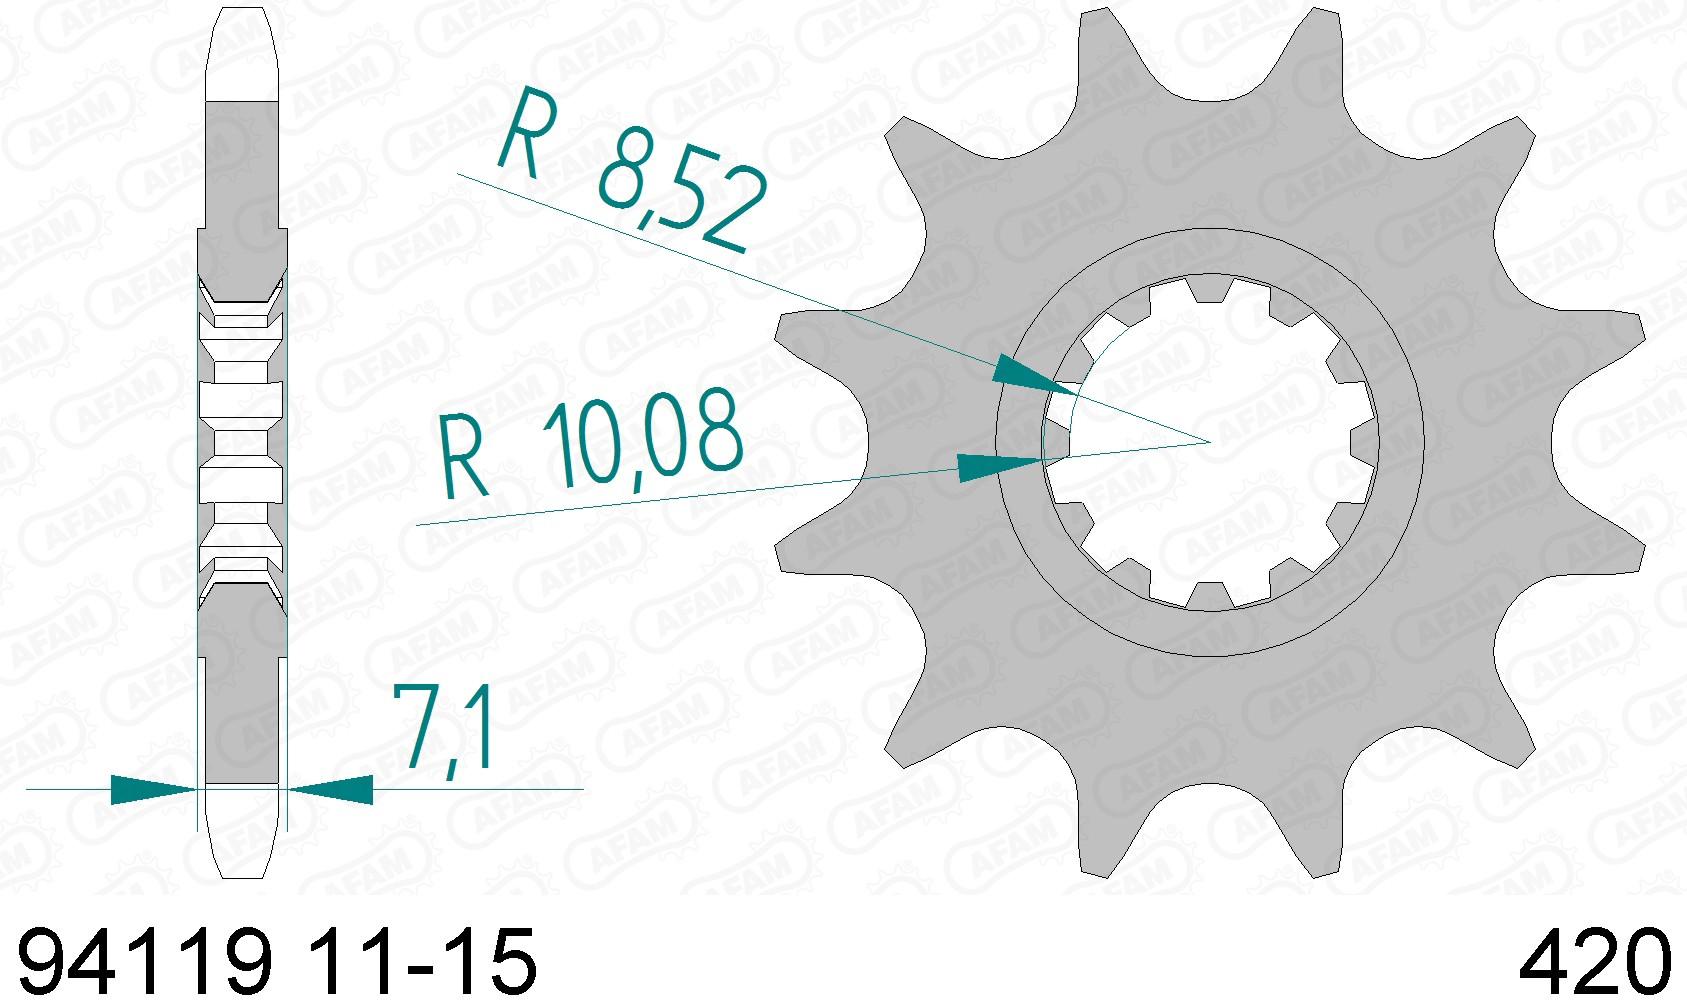 Kit lant Rieju 50 RR Spike SM 2005-0